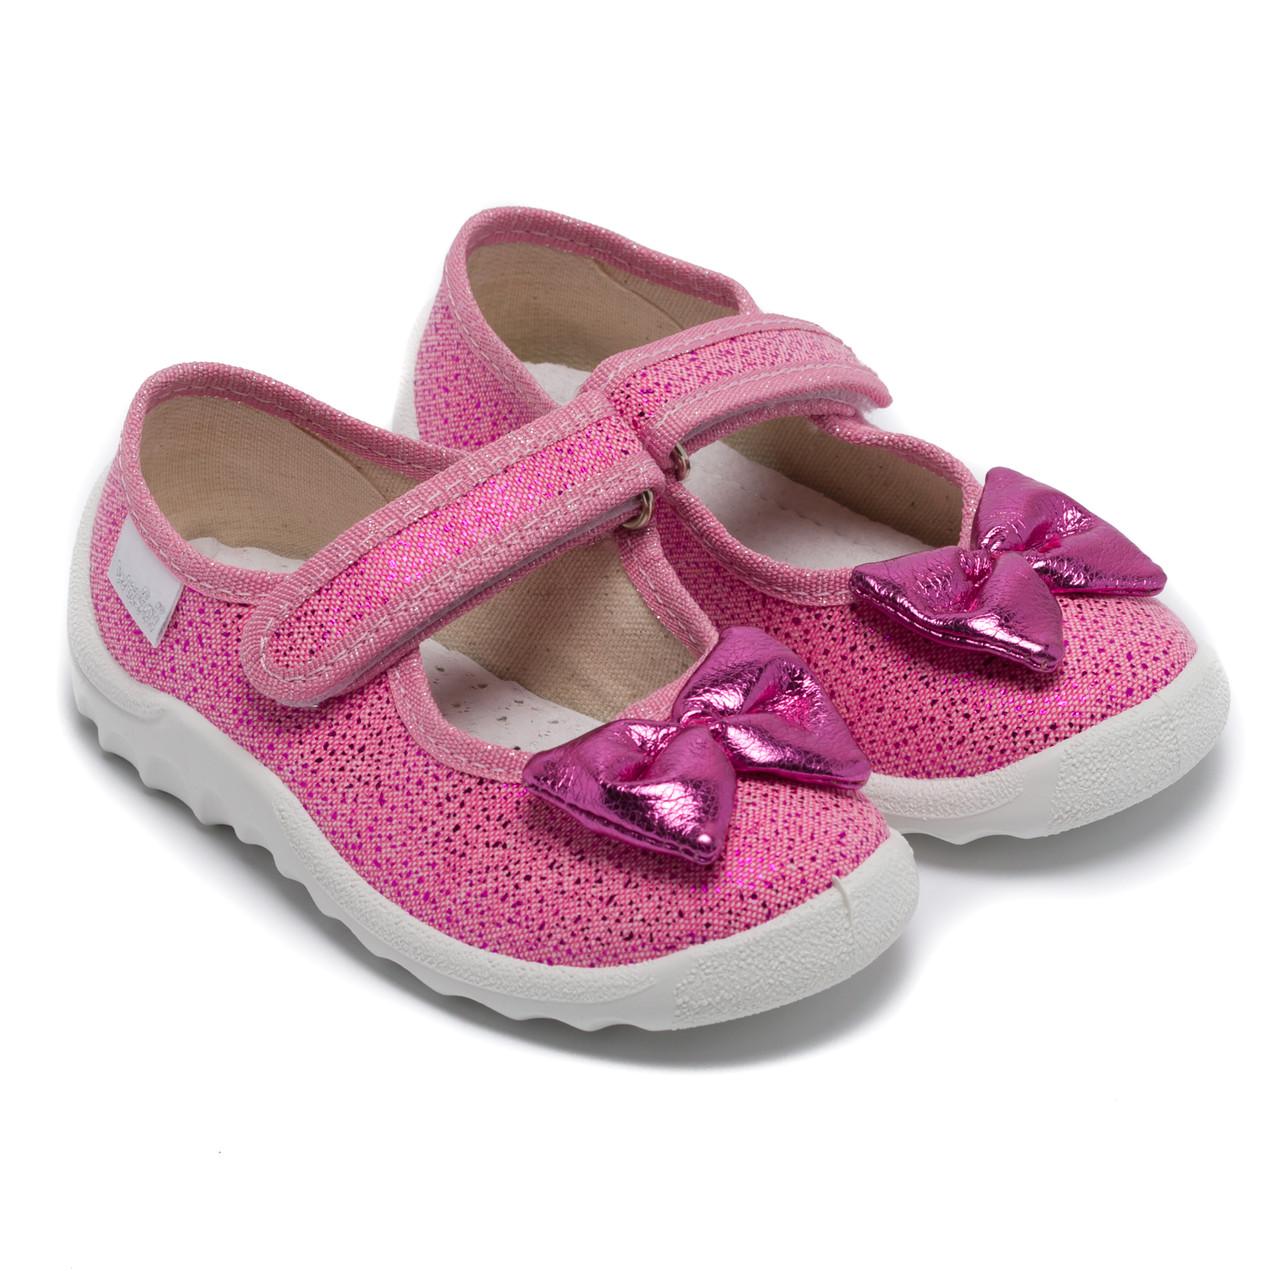 Ортопедические тапочки Waldi для девочки, Алина светло - розовый с бантом, стелька с супинатором, размер 24-30